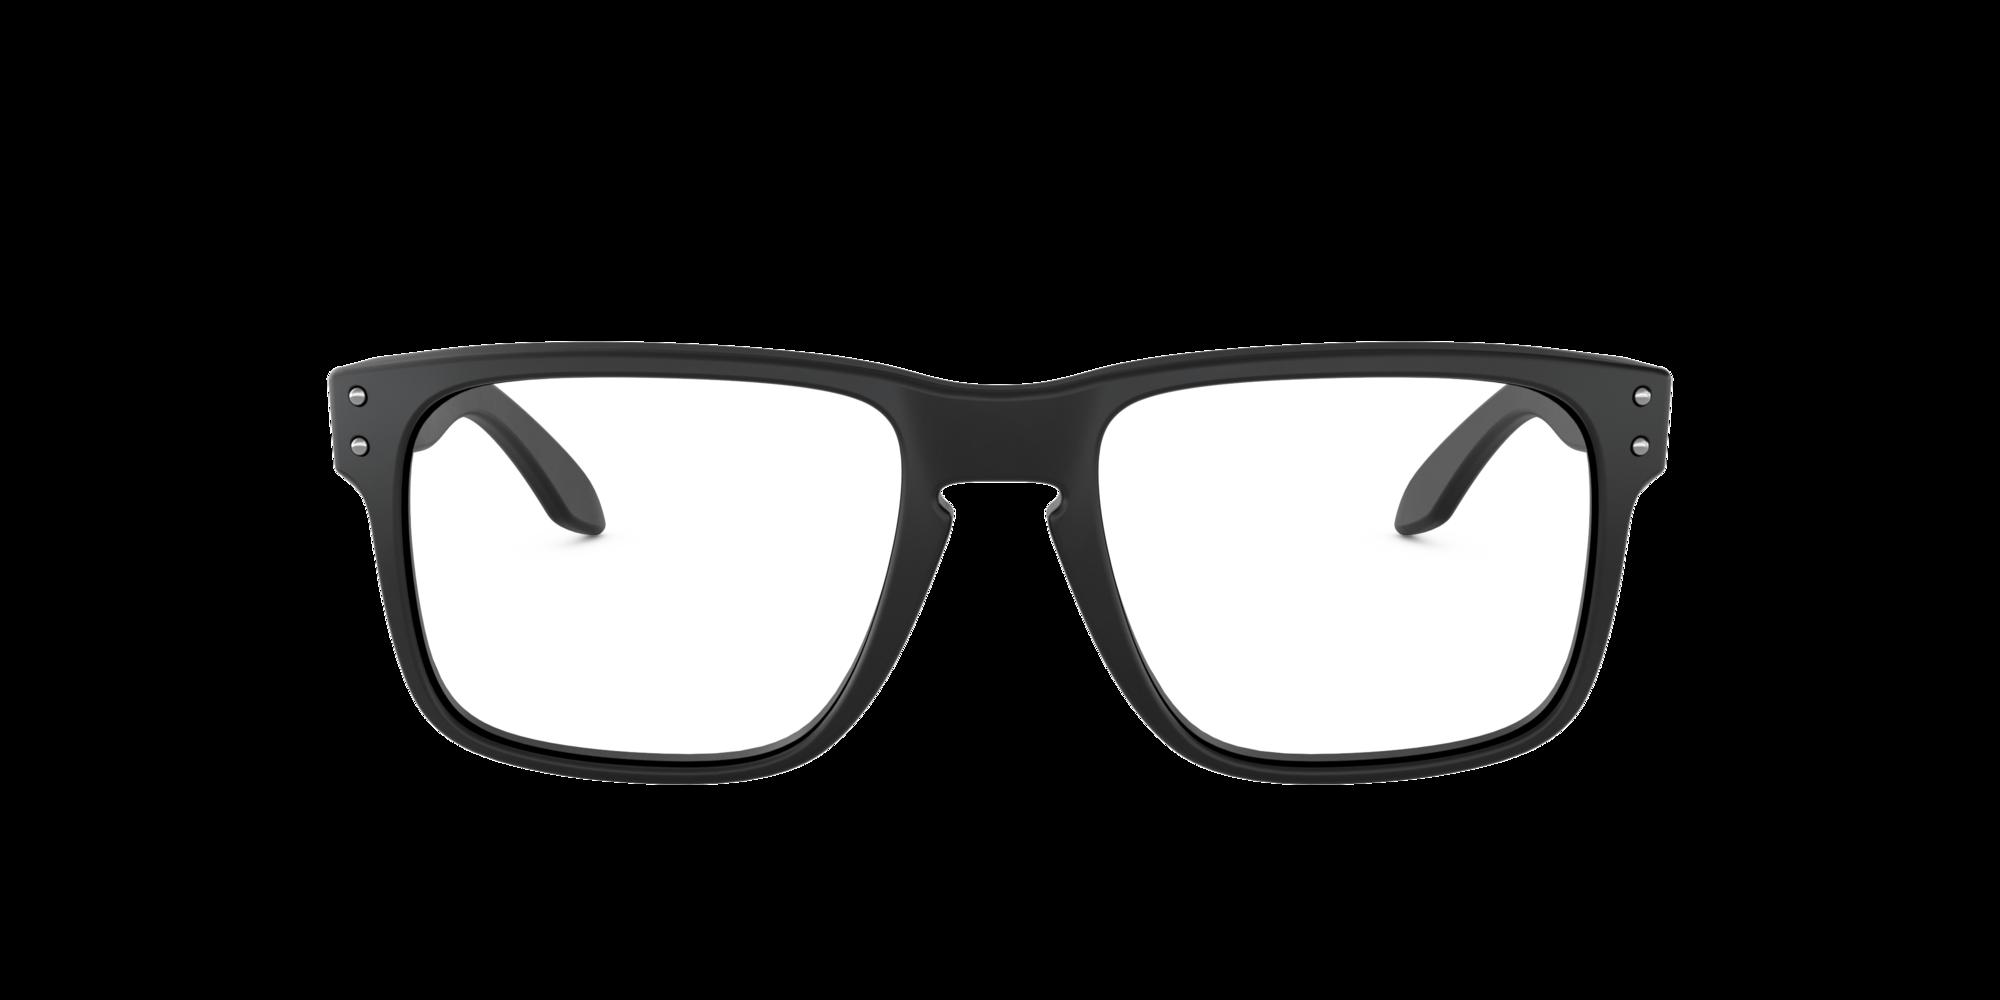 Imagen para OX8156 HOLBROOK RX de LensCrafters |  Espejuelos, espejuelos graduados en línea, gafas